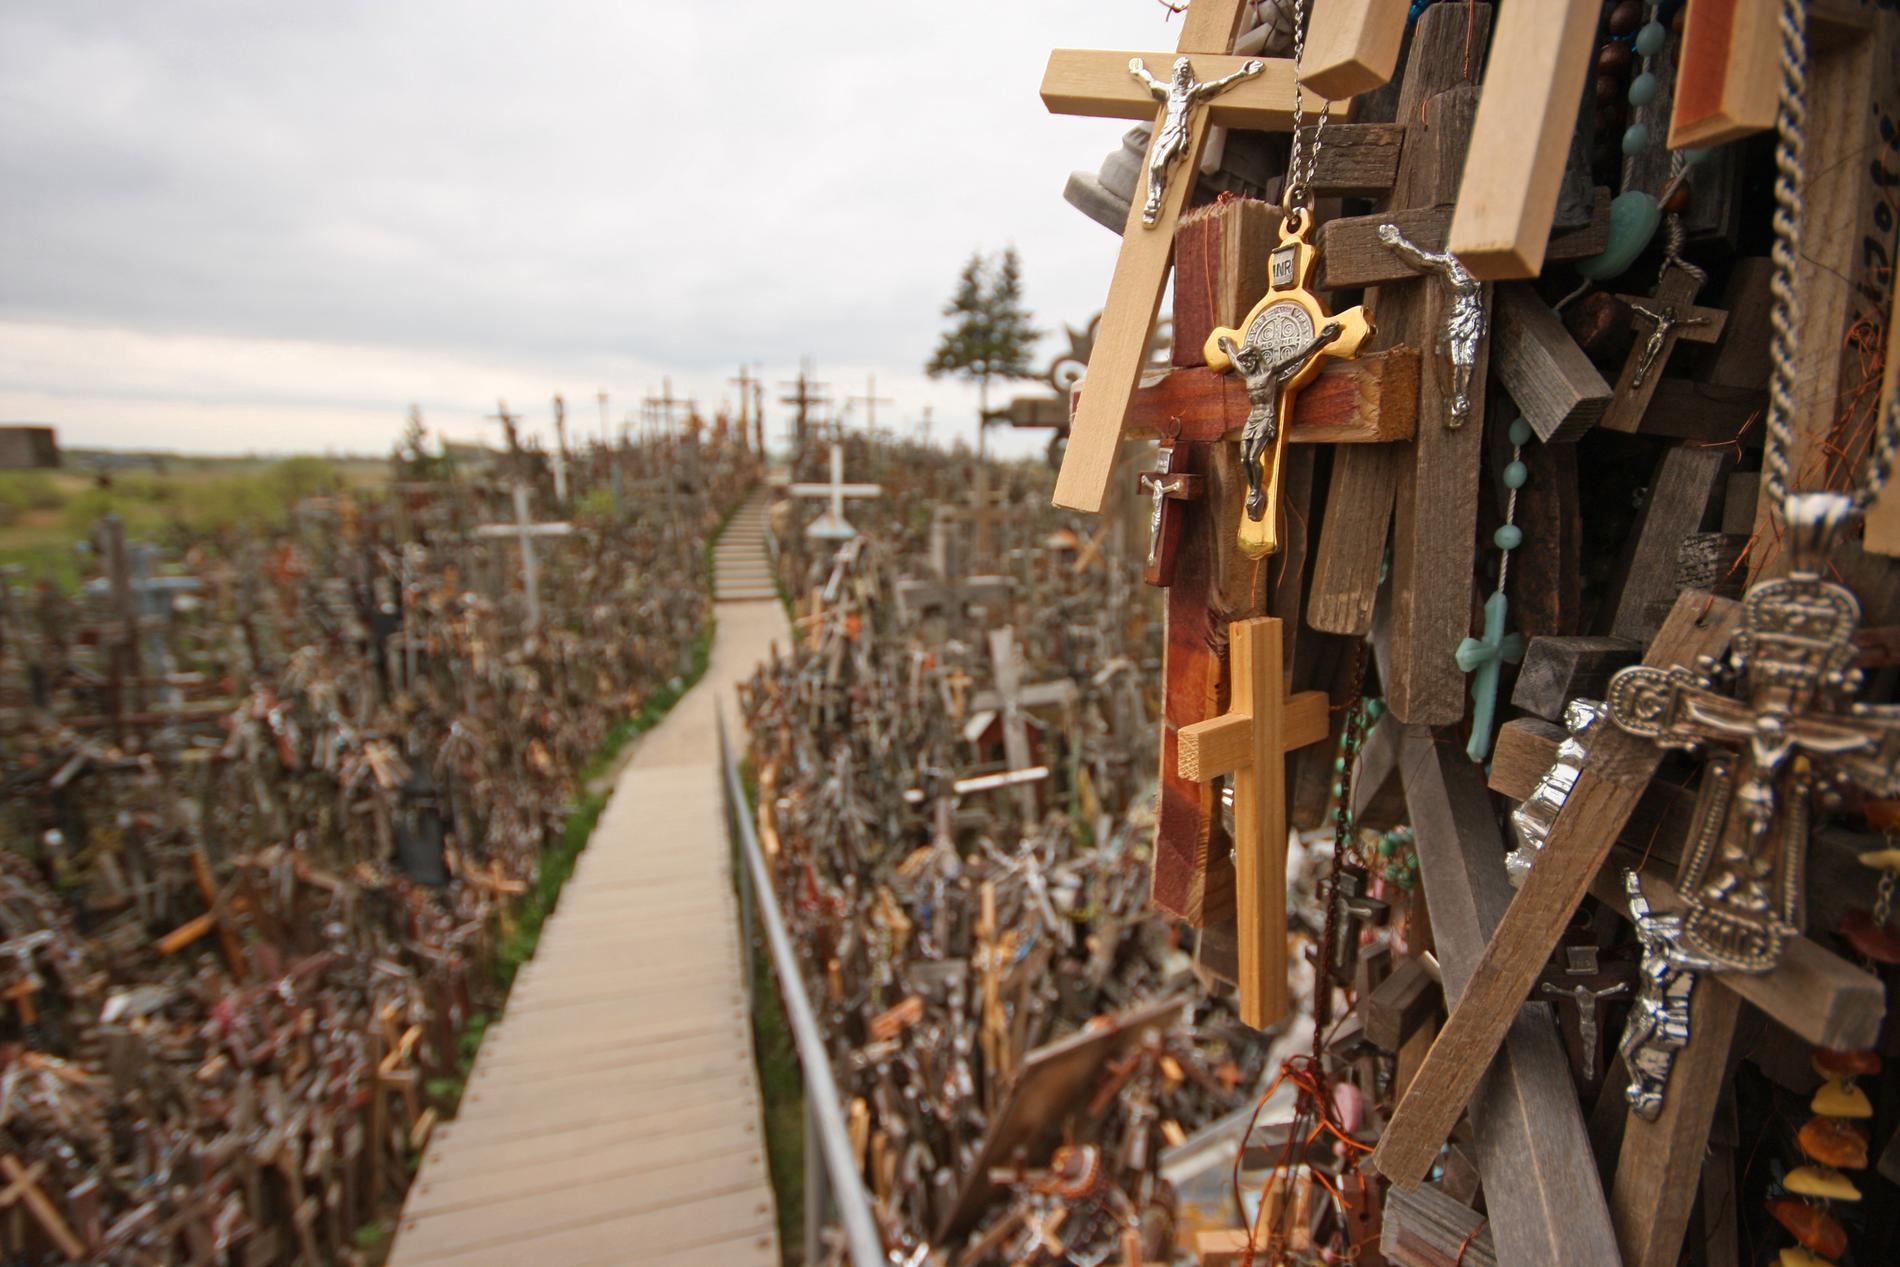 I dag är besöksmålet populärt bland turister.